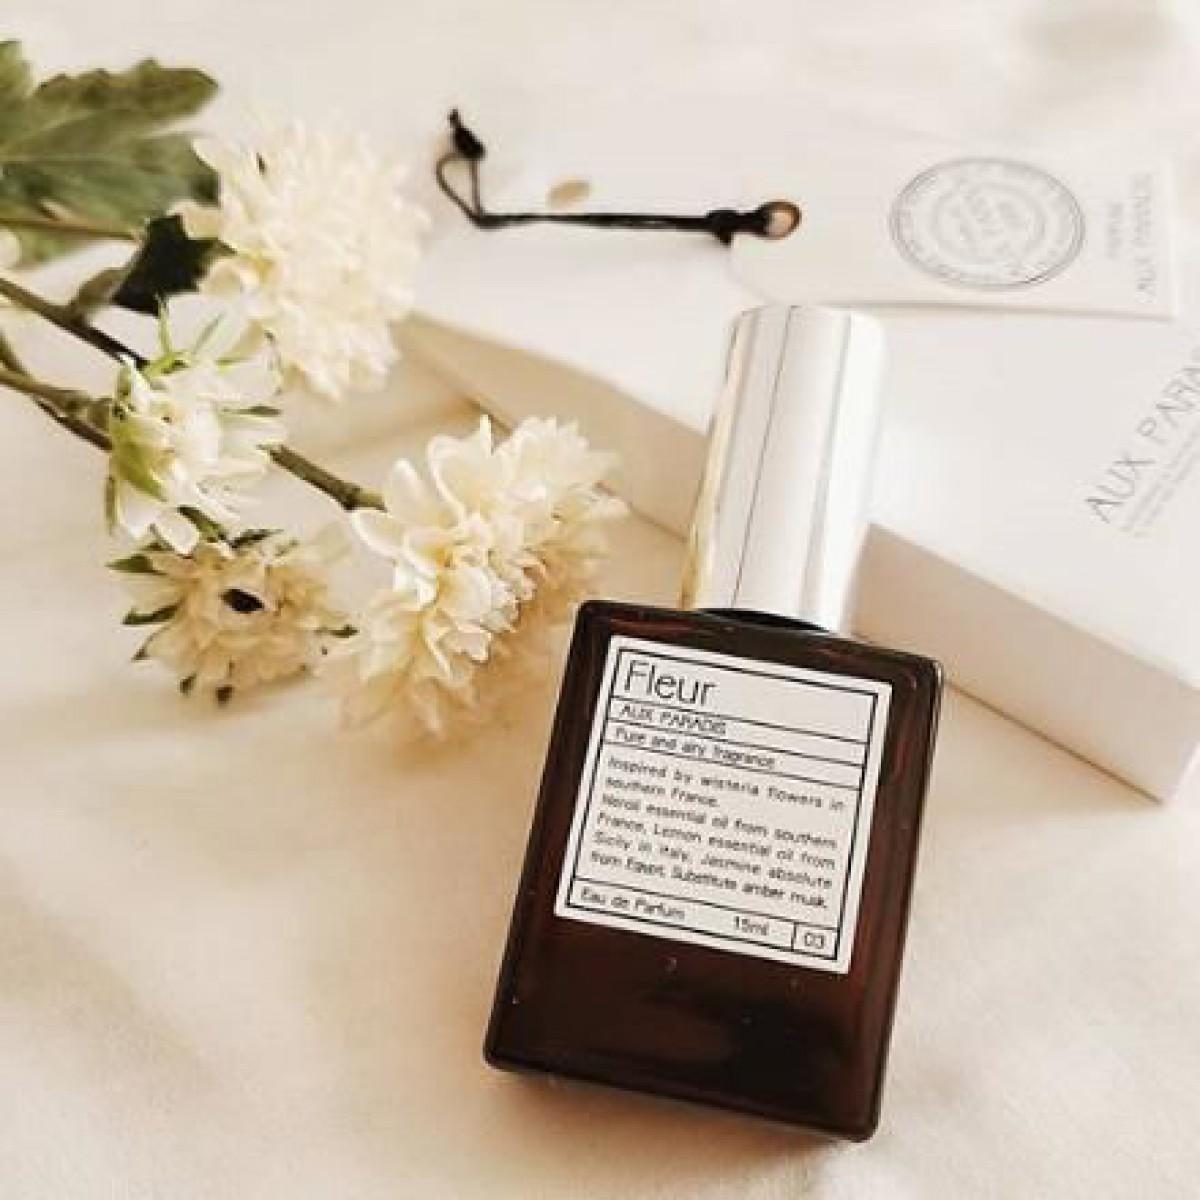 こんな時こそ香りで癒しを・・・日本生まれの人気香水ブランド